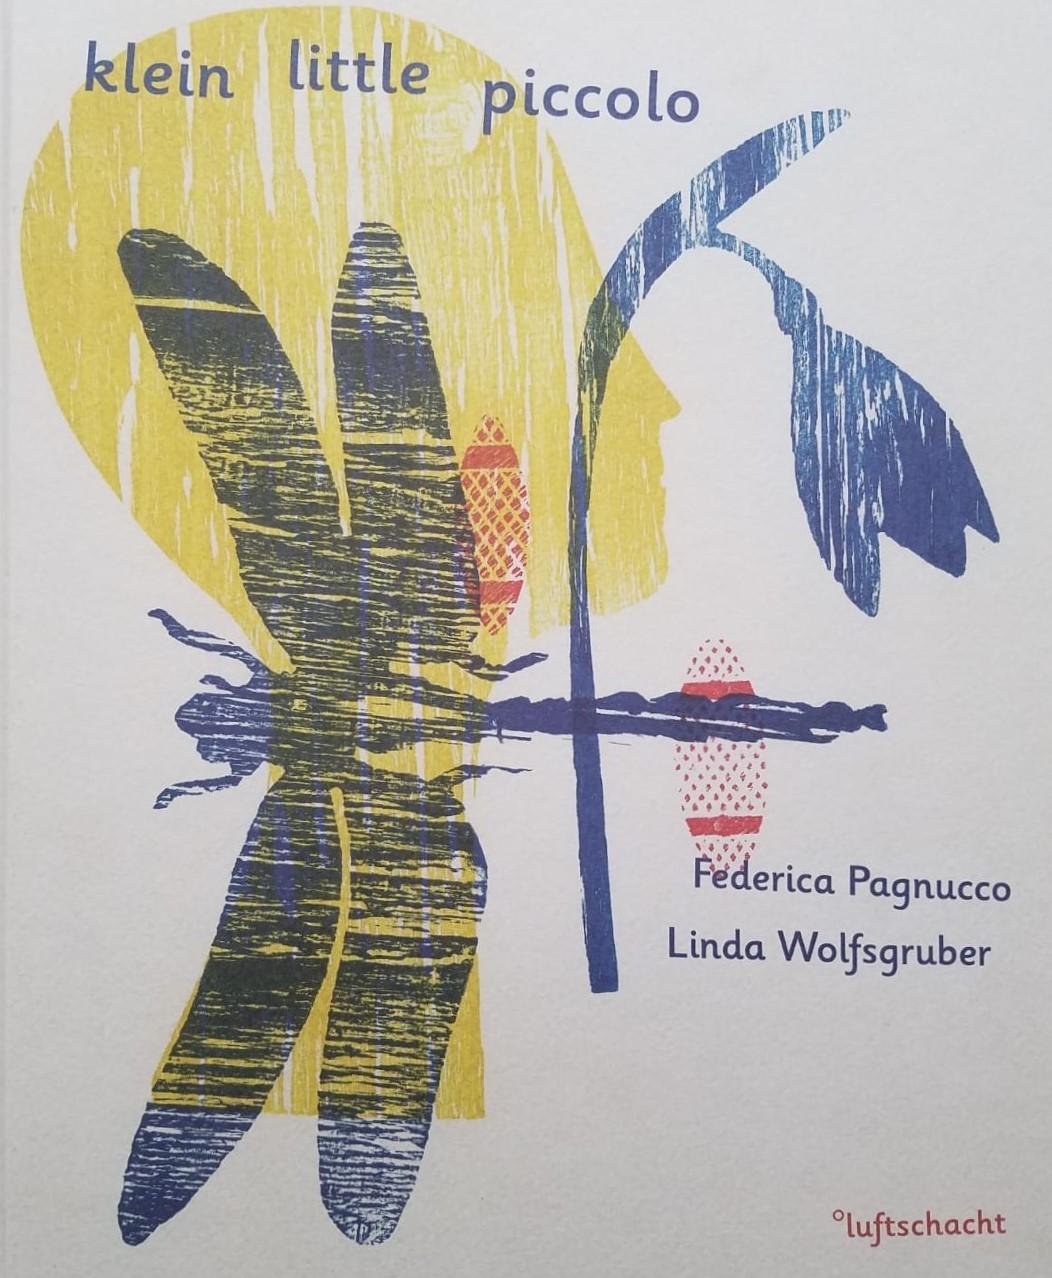 klein little piccolo Book Cover